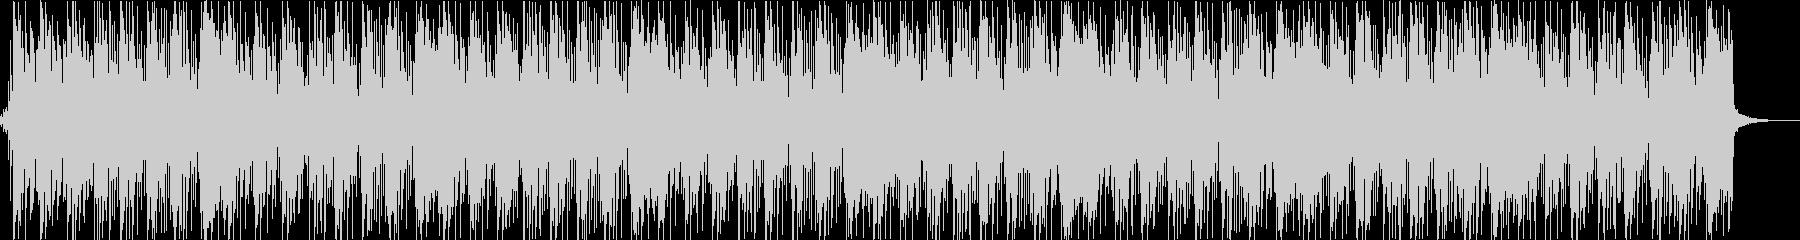 まったり、大人向け、おしゃれトークBGMの未再生の波形